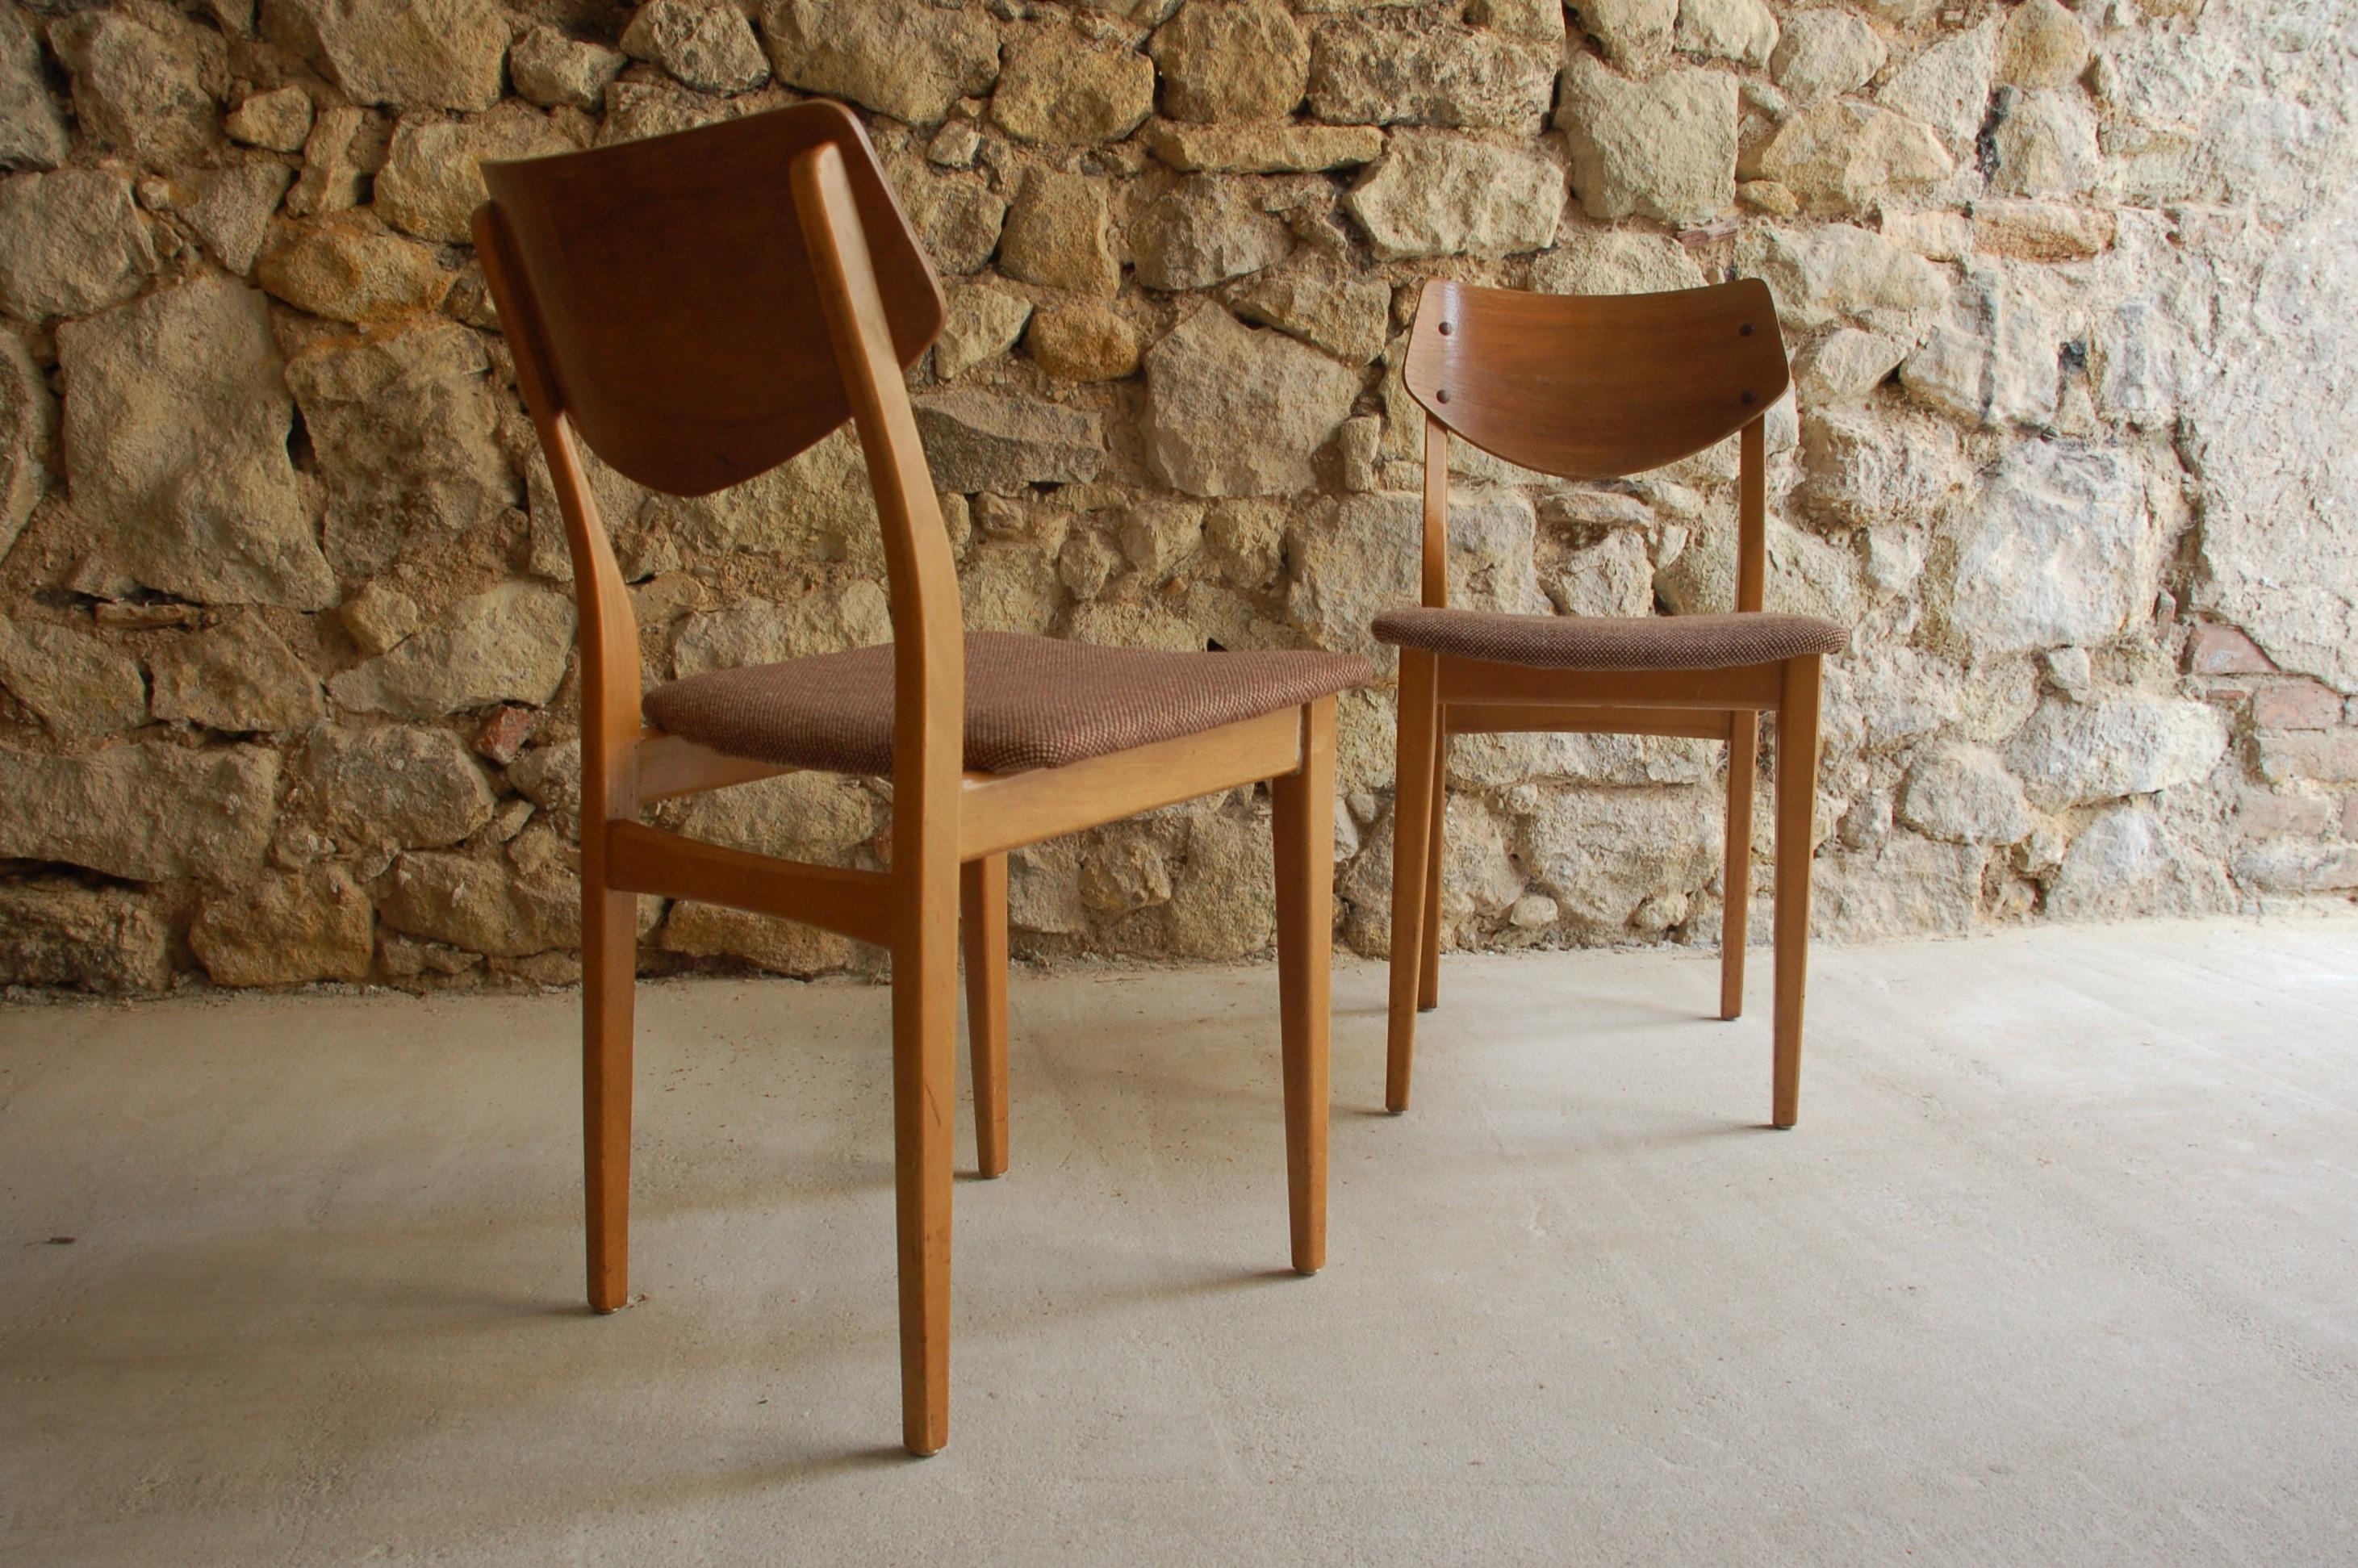 Stühle Chair gebraucht alt Holzstühle Wood Mid Century Modern Polster vintage retro 1950 1960 (12)